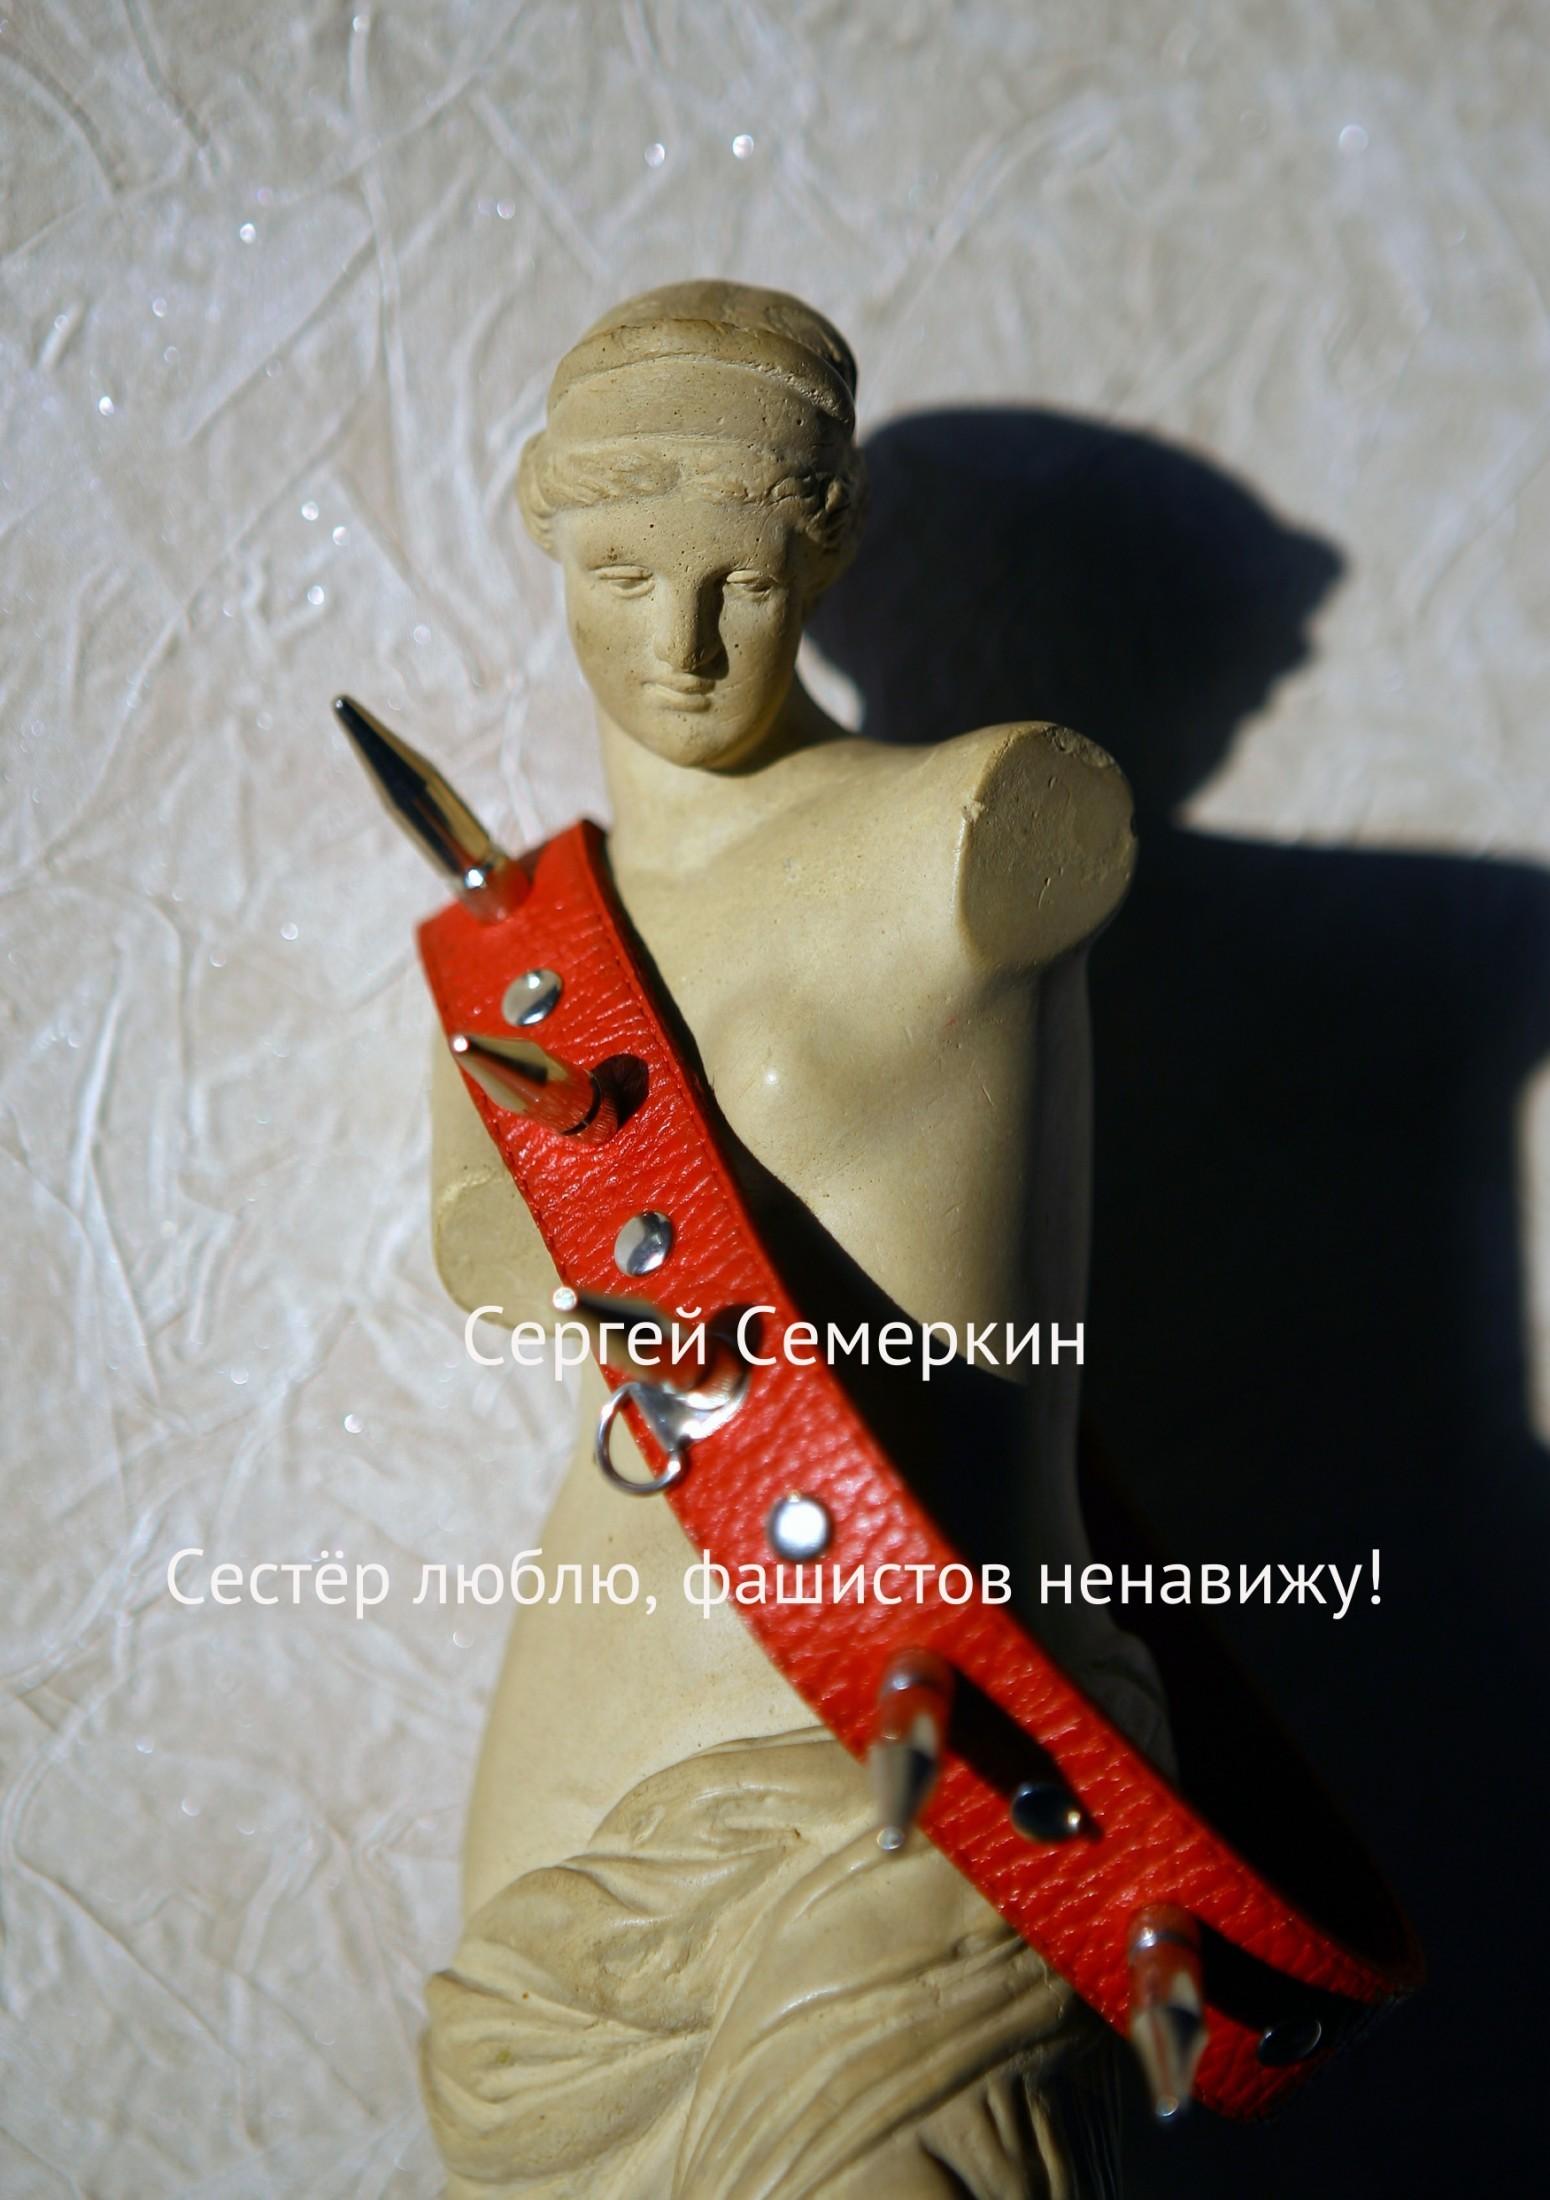 Сергей Владимирович Семеркин Сестёр люблю, фашистов ненавижу! сергей владимирович семеркин алло пожарная